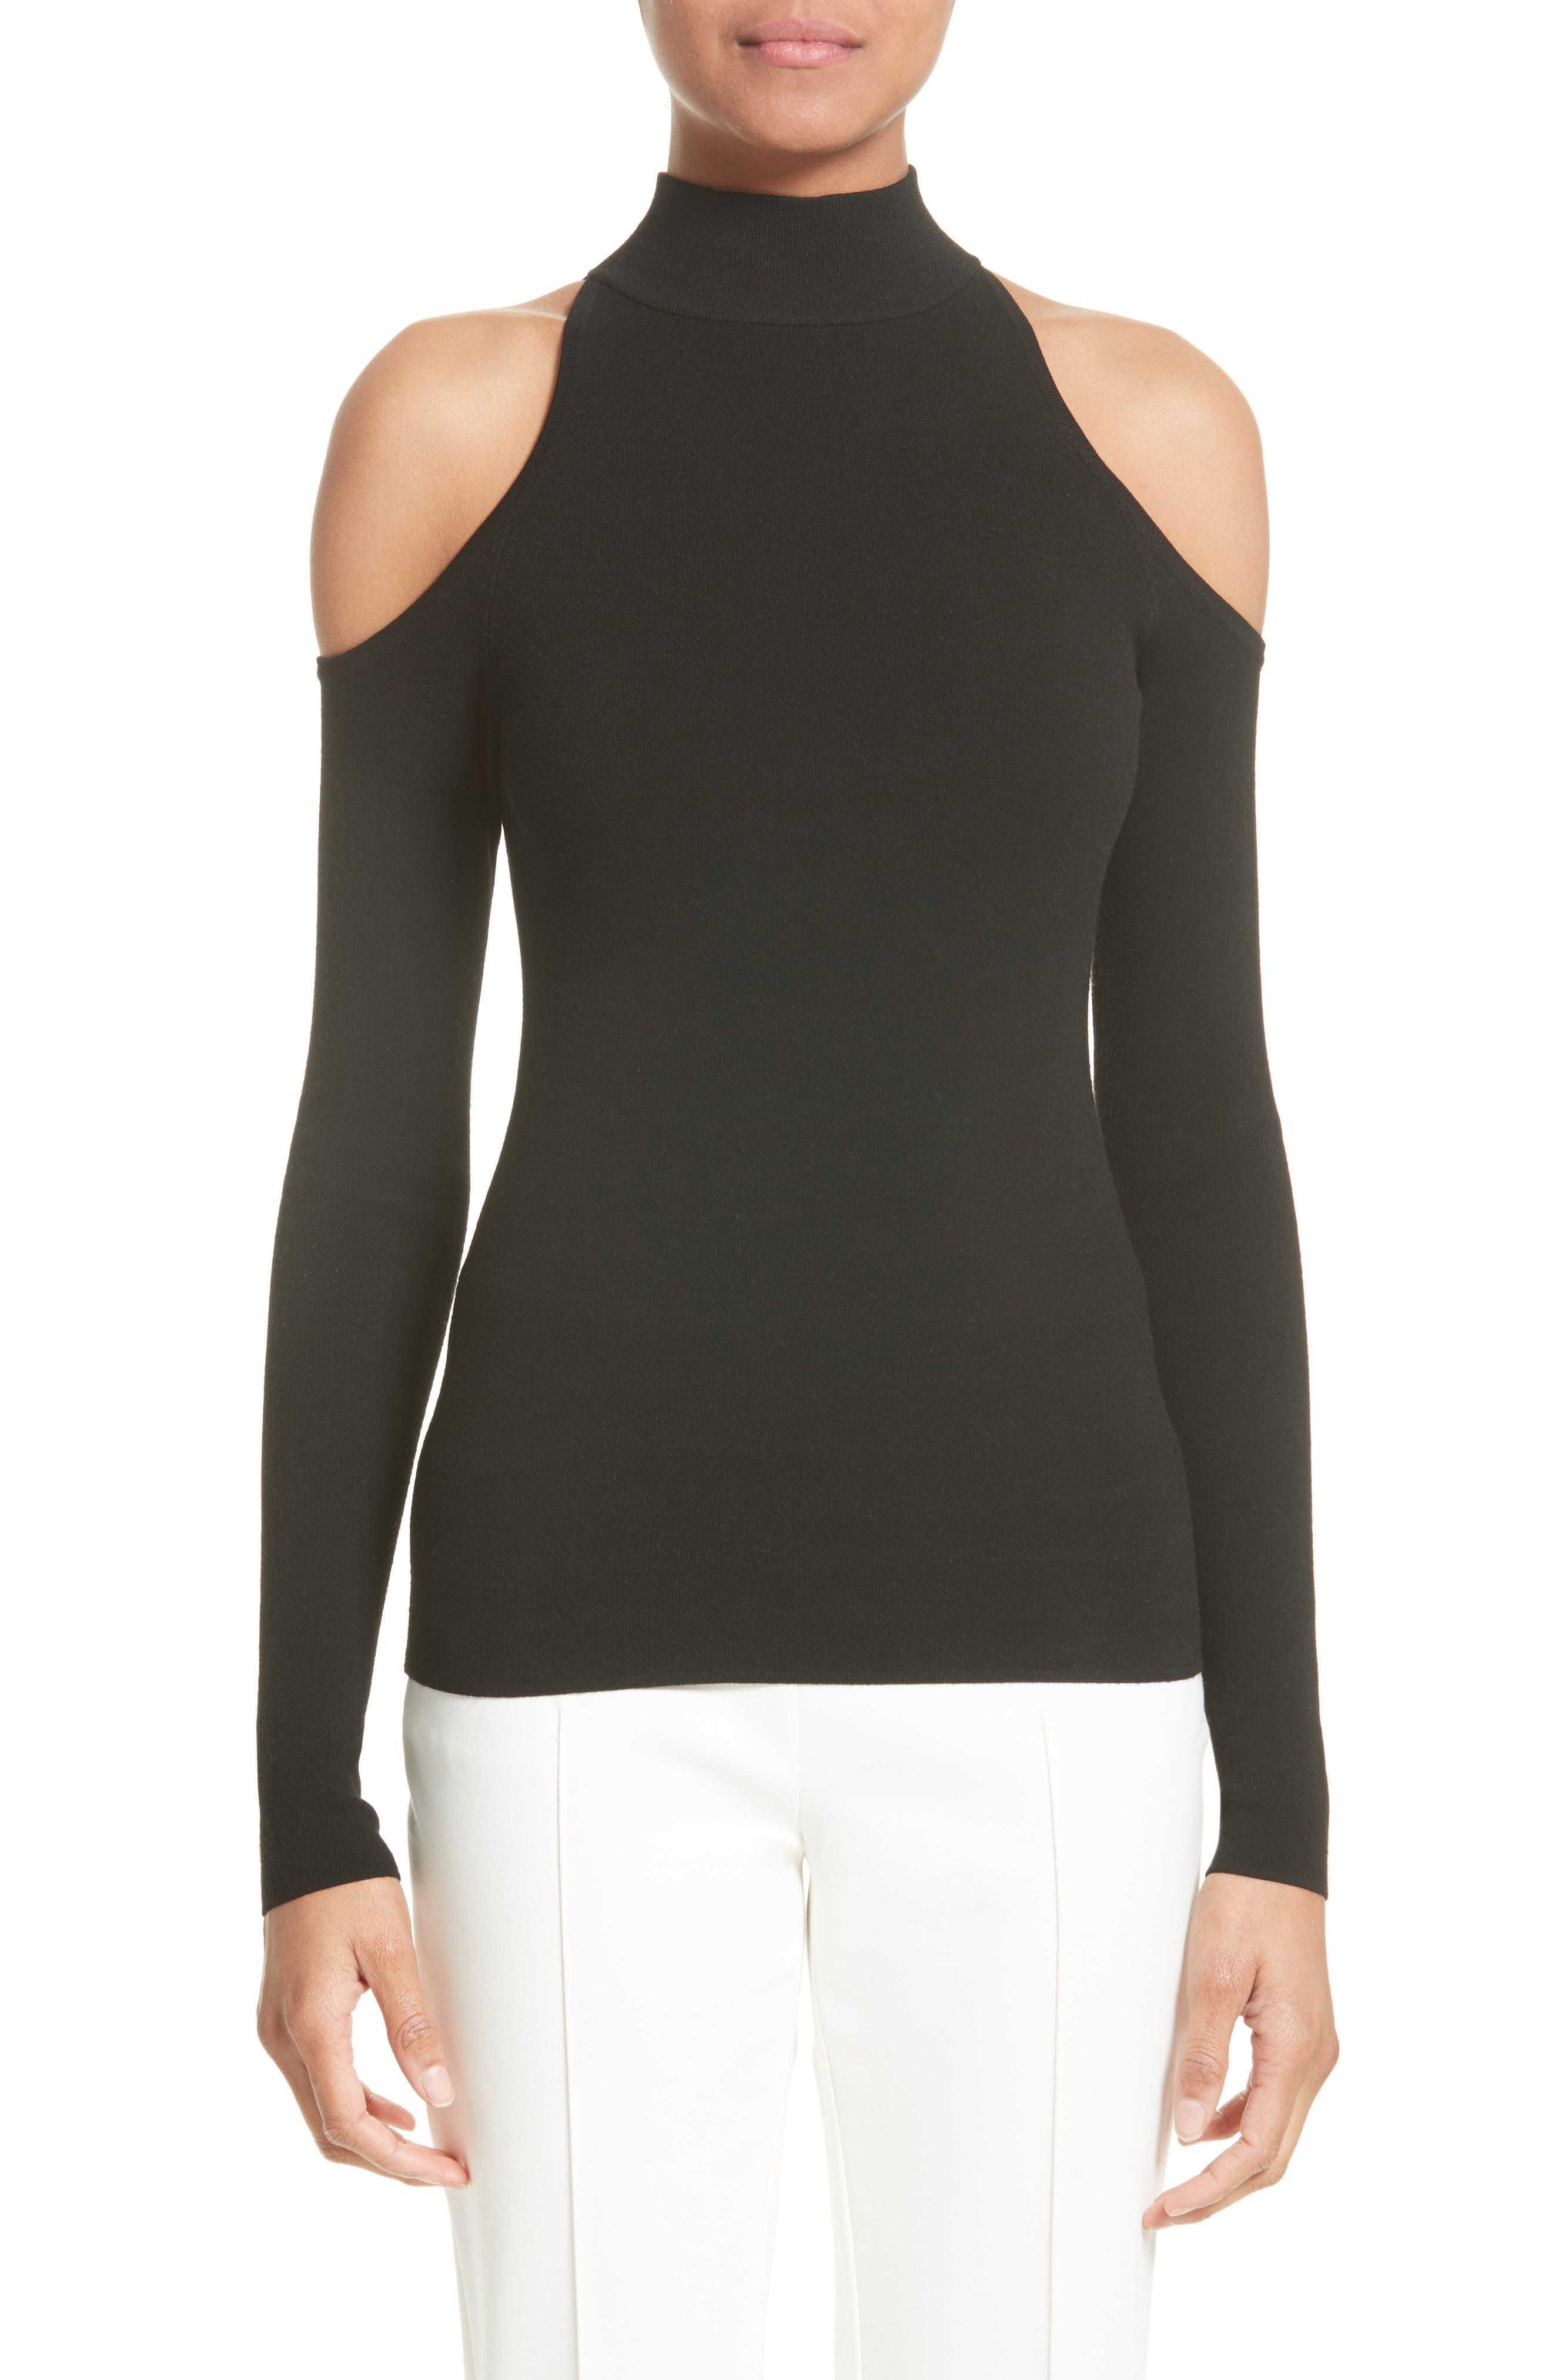 Michael Kors Cold Shoulder Stretch Knit Top